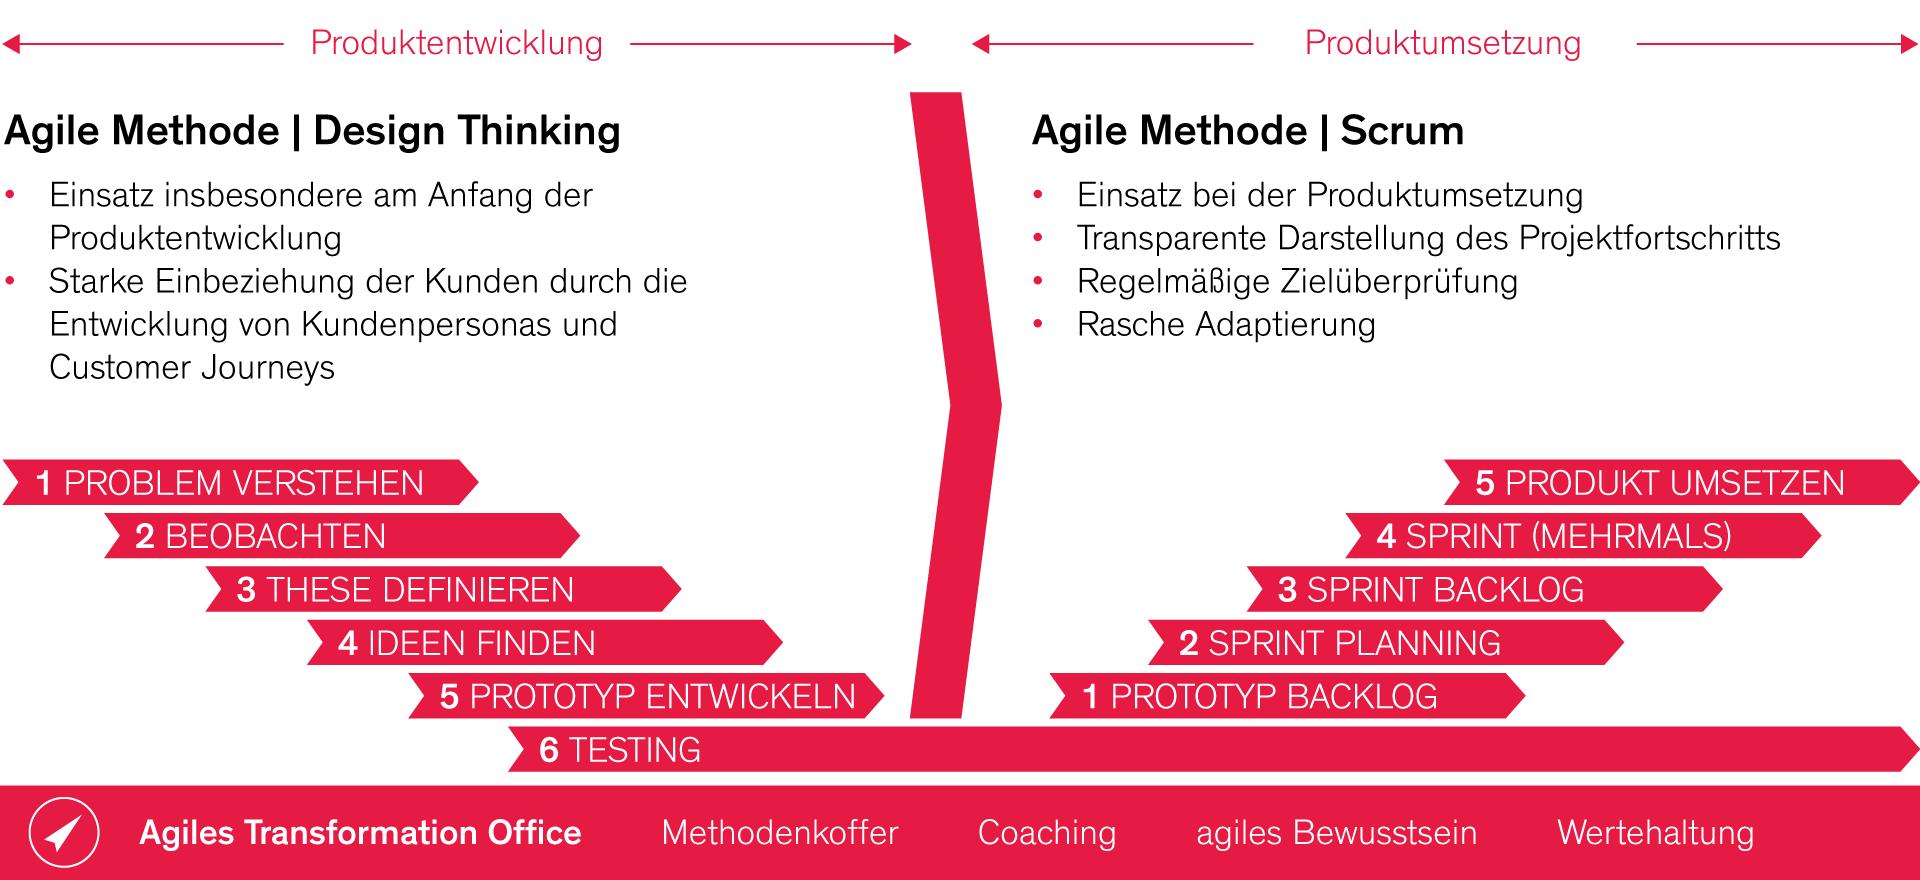 Agile-Methoden